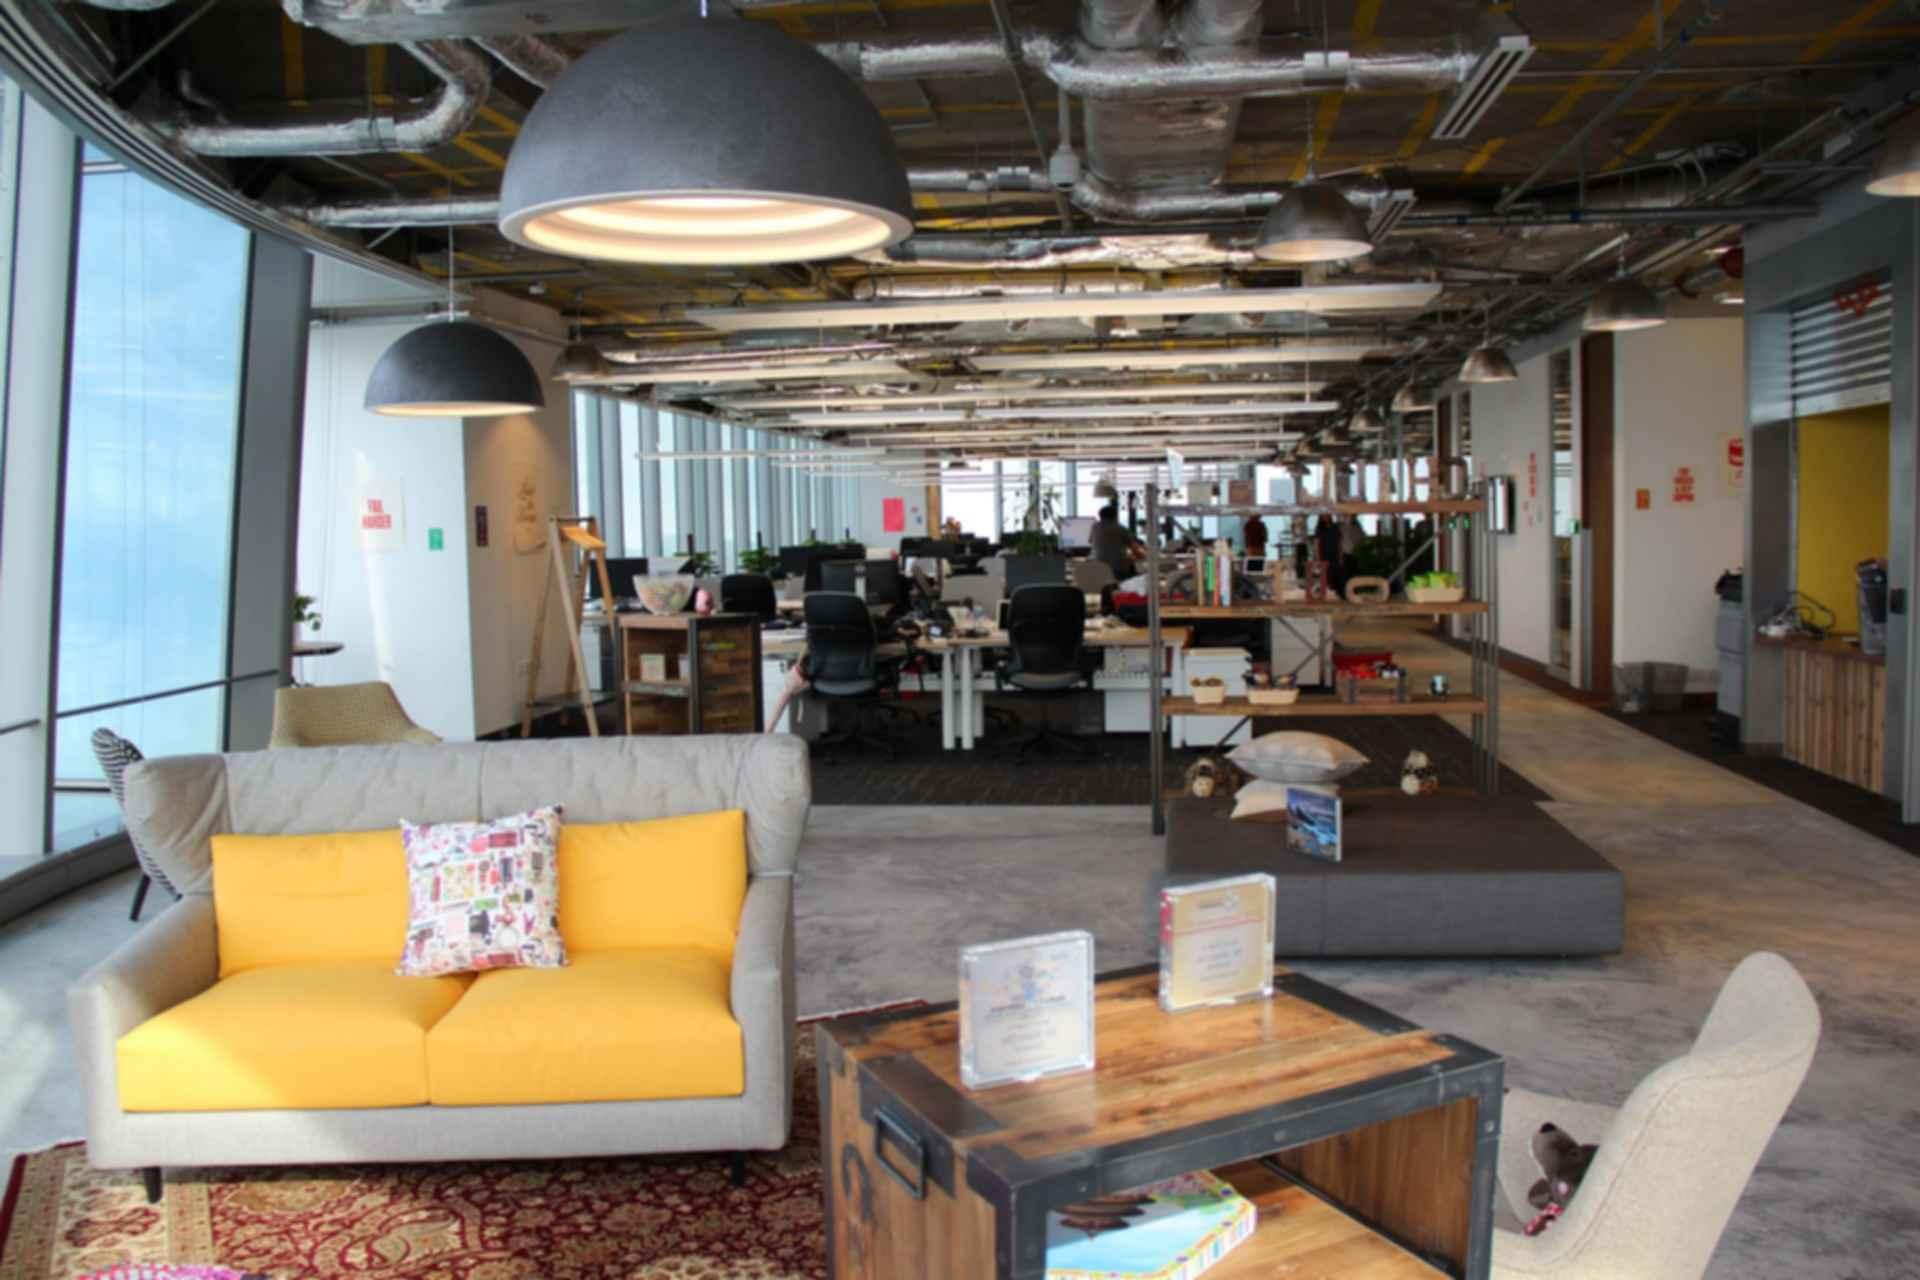 Facebook Headquarters Interior - Offices